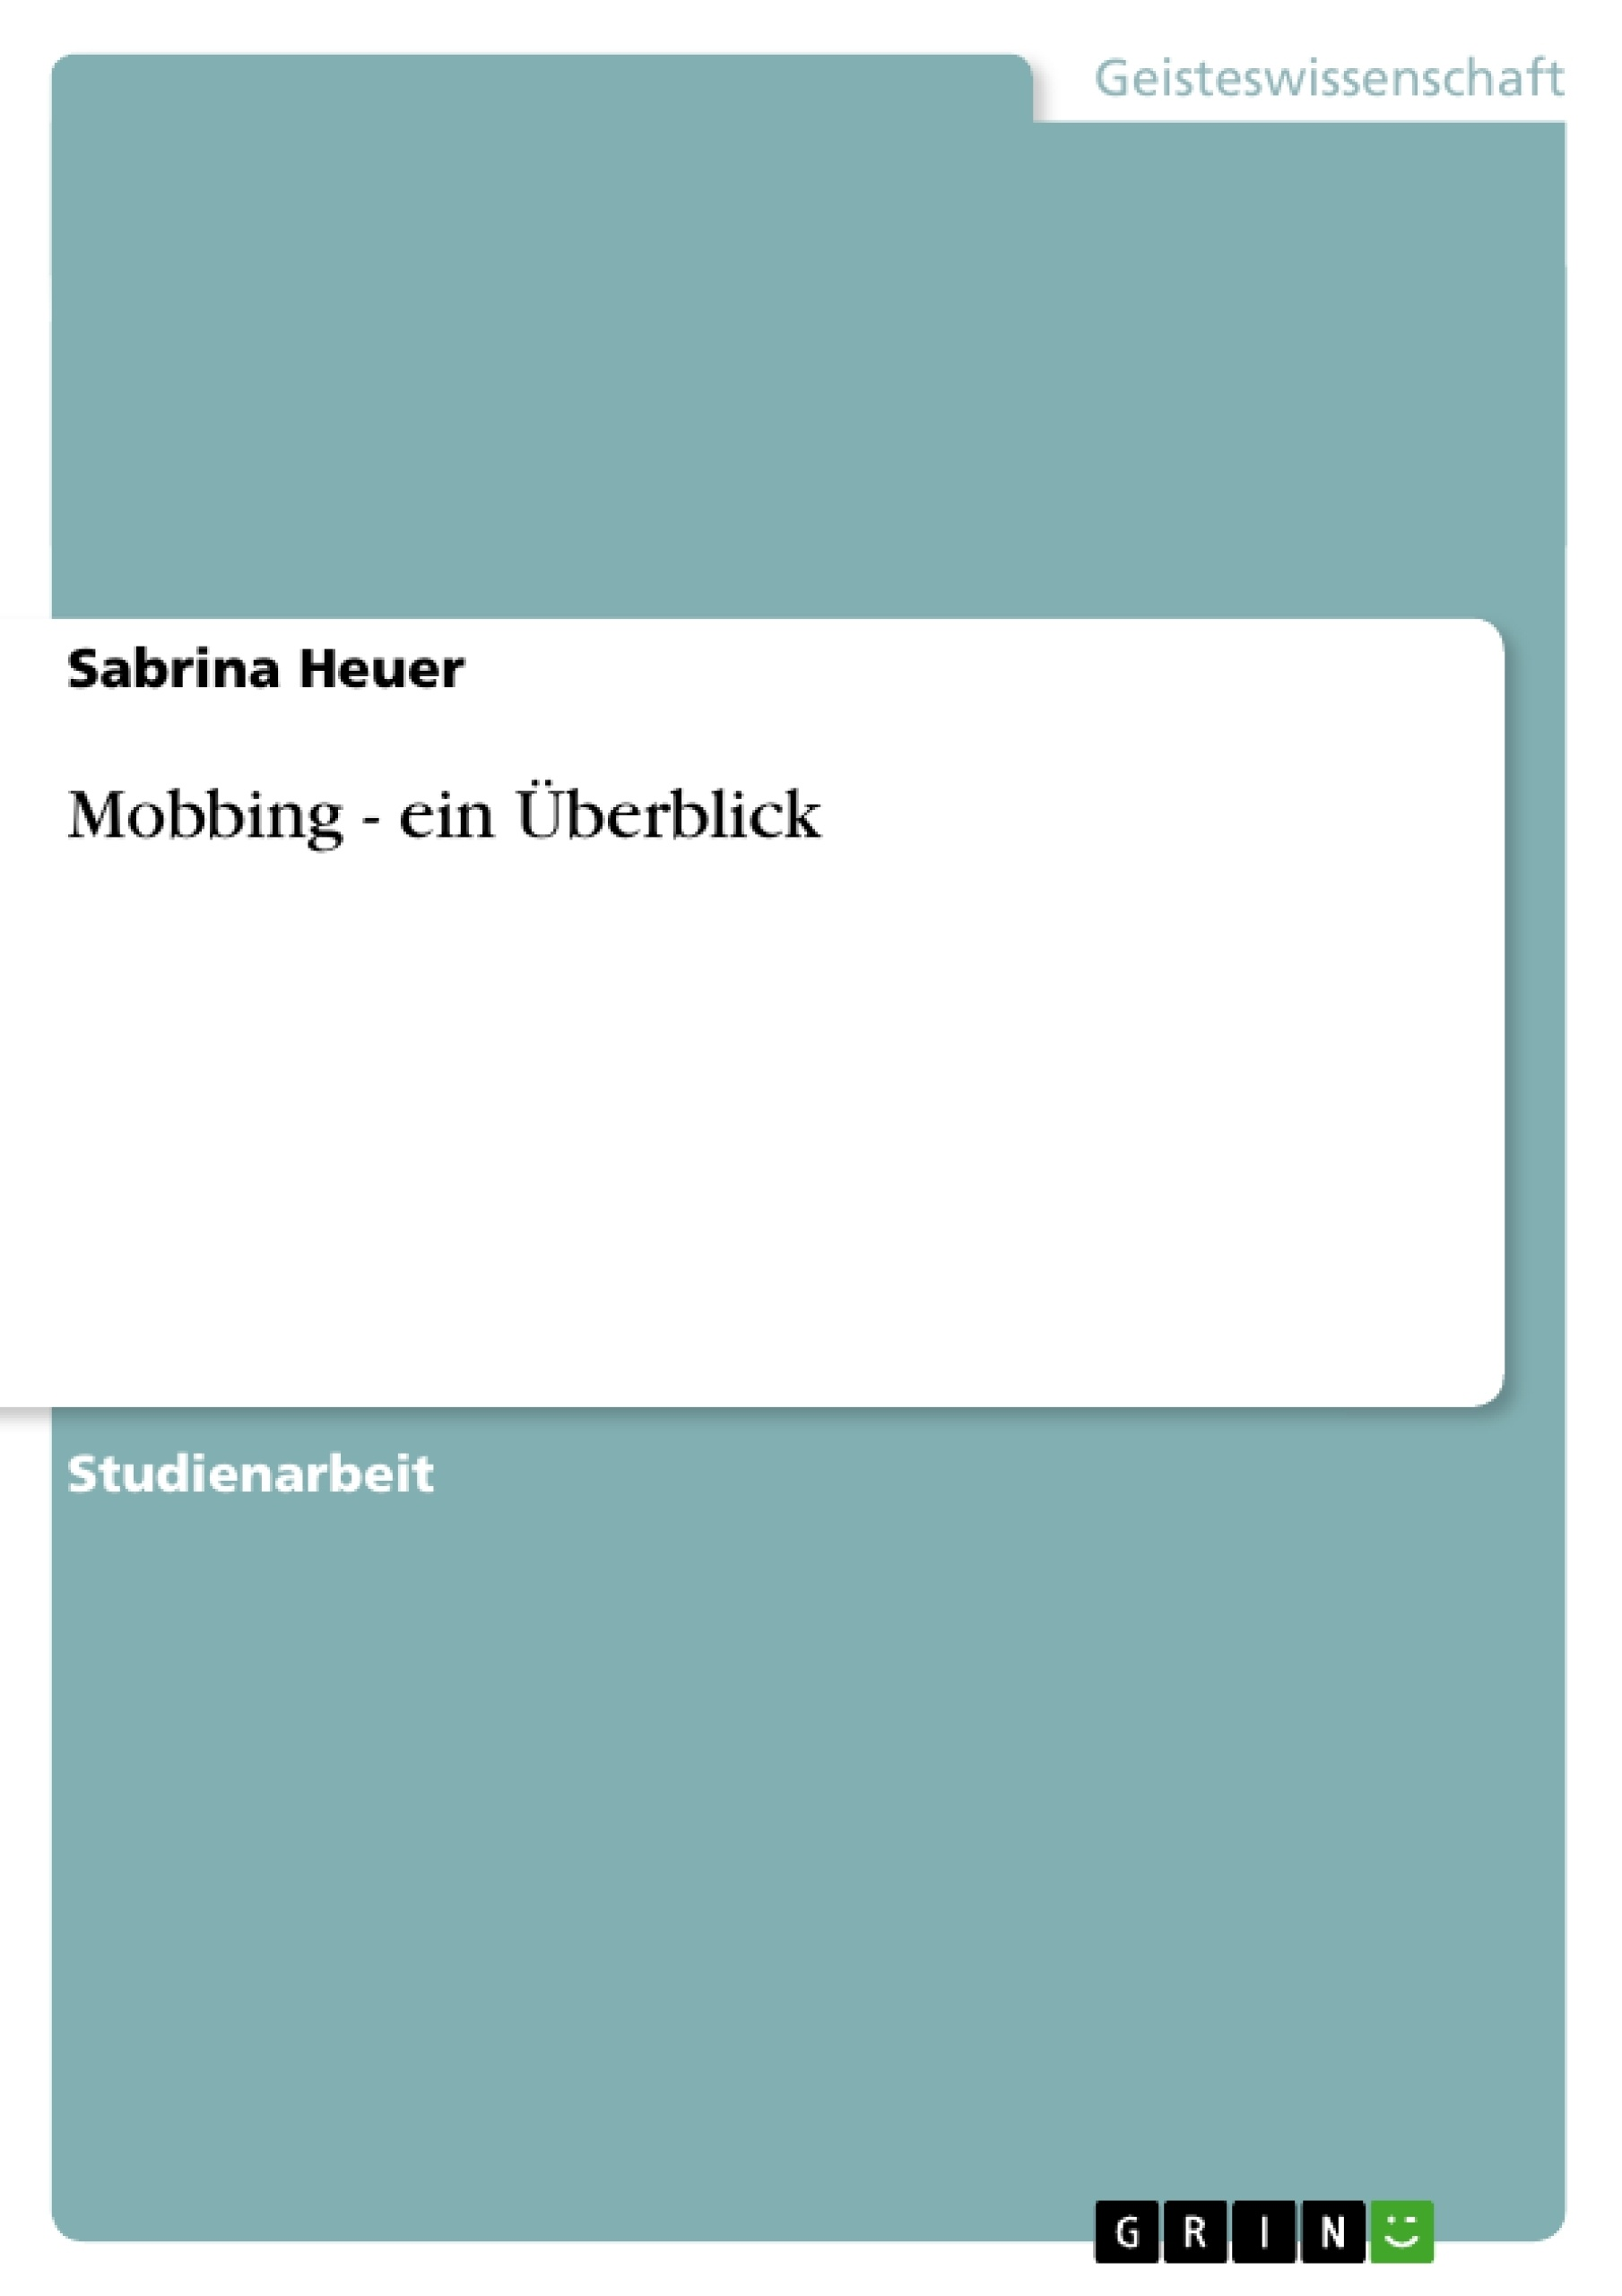 Titel: Mobbing - ein Überblick